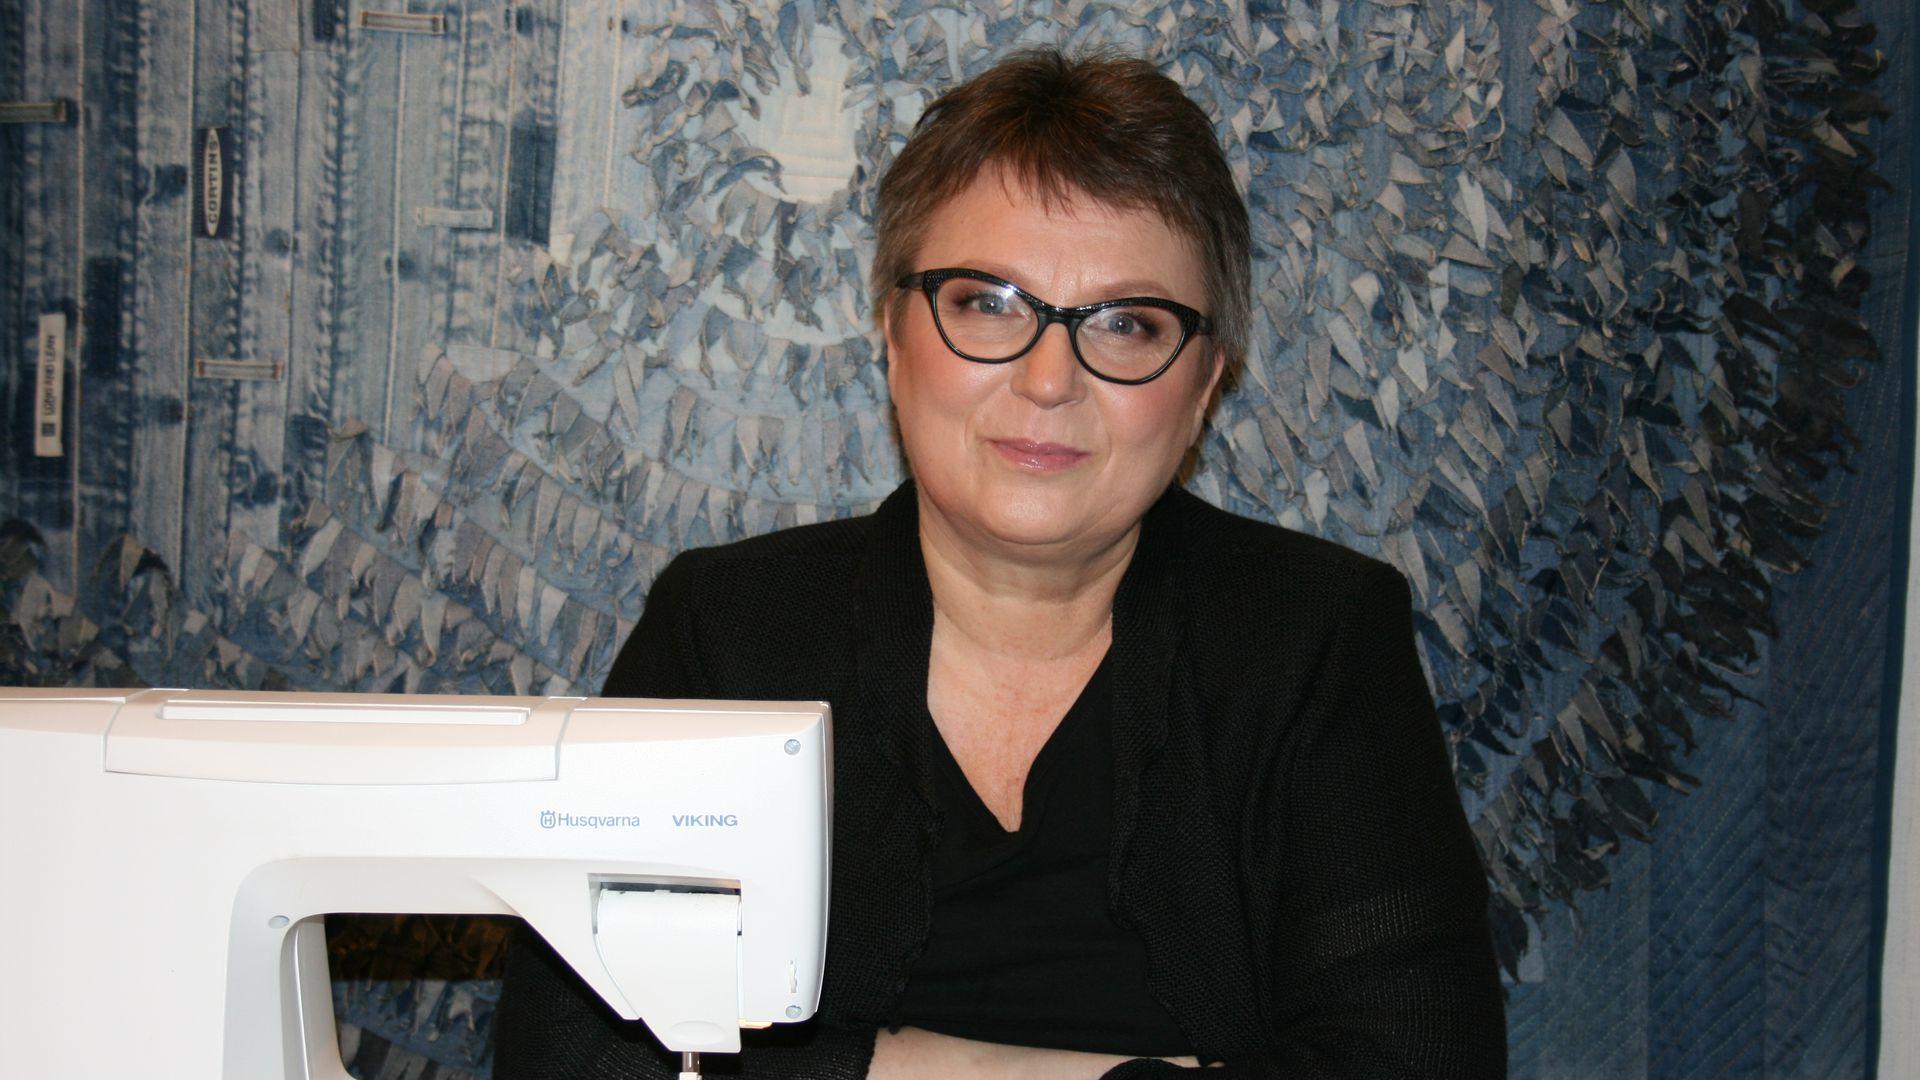 Lapitöömeister Marja Matiisen:  mõnda oma näitusetööd vaadates ei usu ise ka, et mina nii suure töö valmis olen teinud!